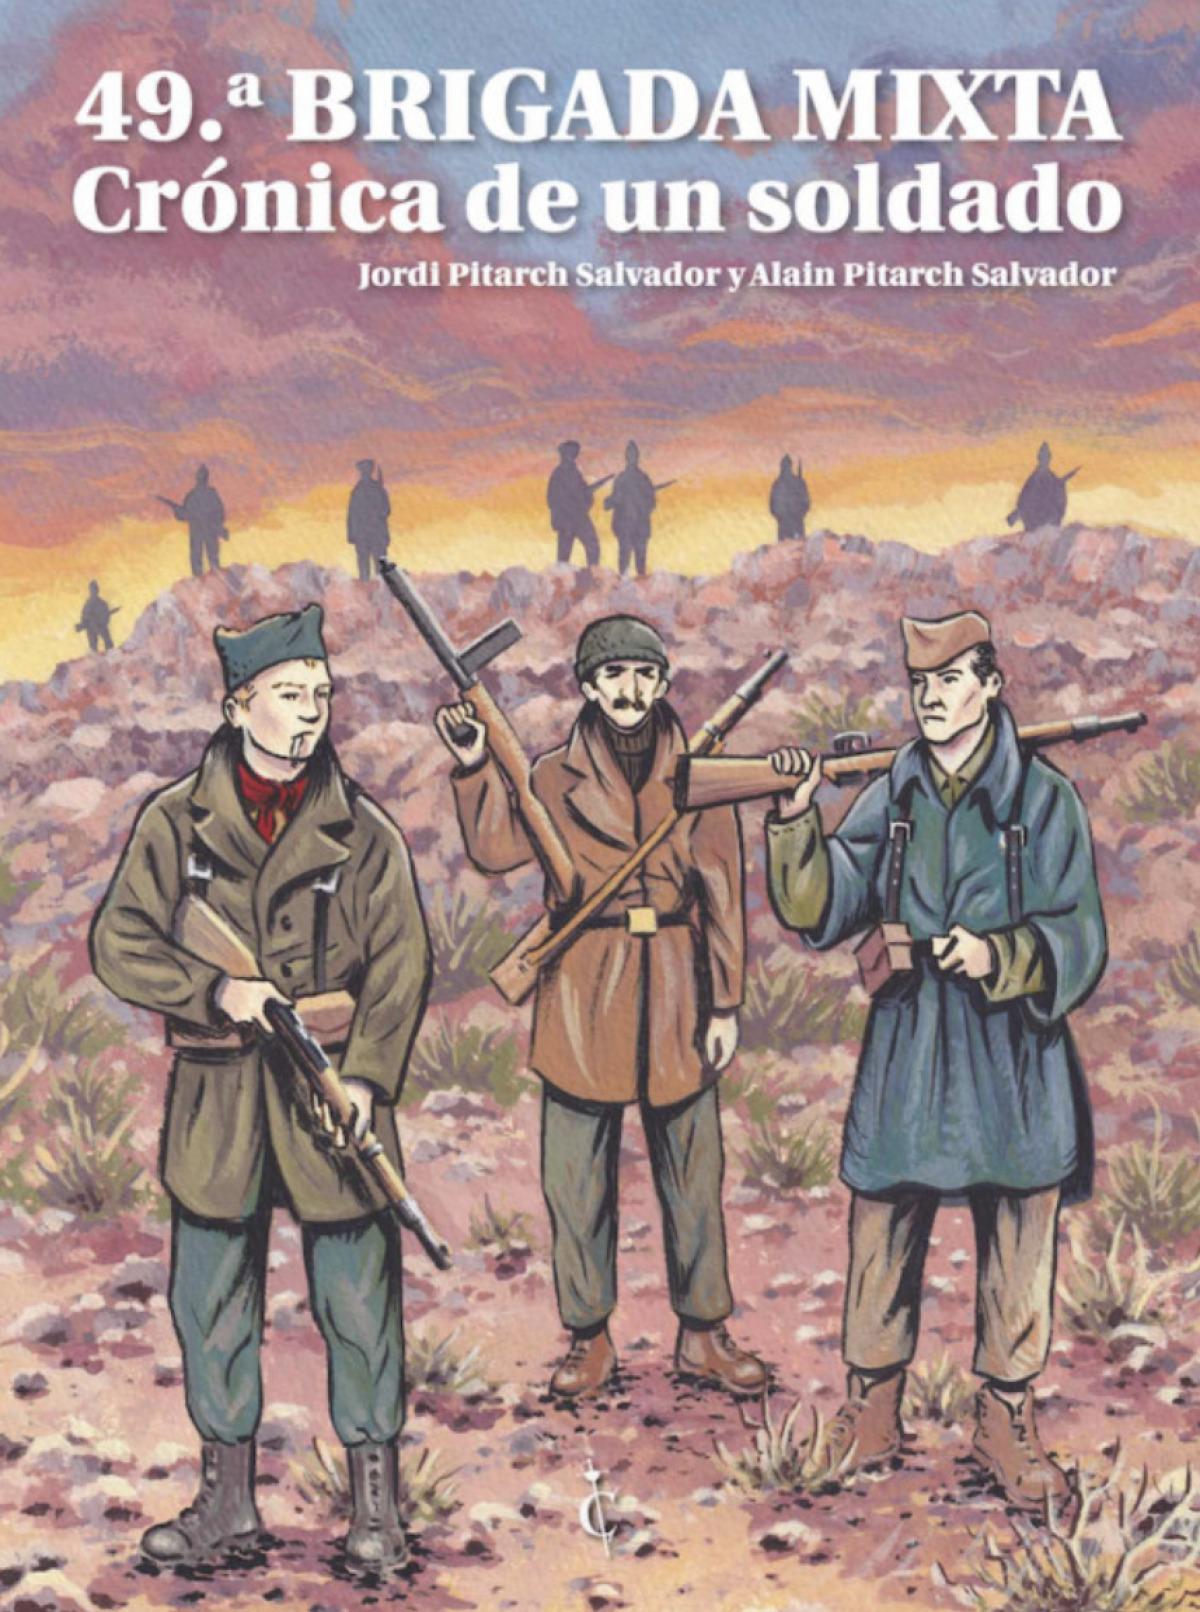 49ª BRIGADA MIXTA. CRÓNICA DE UN SOLDADO